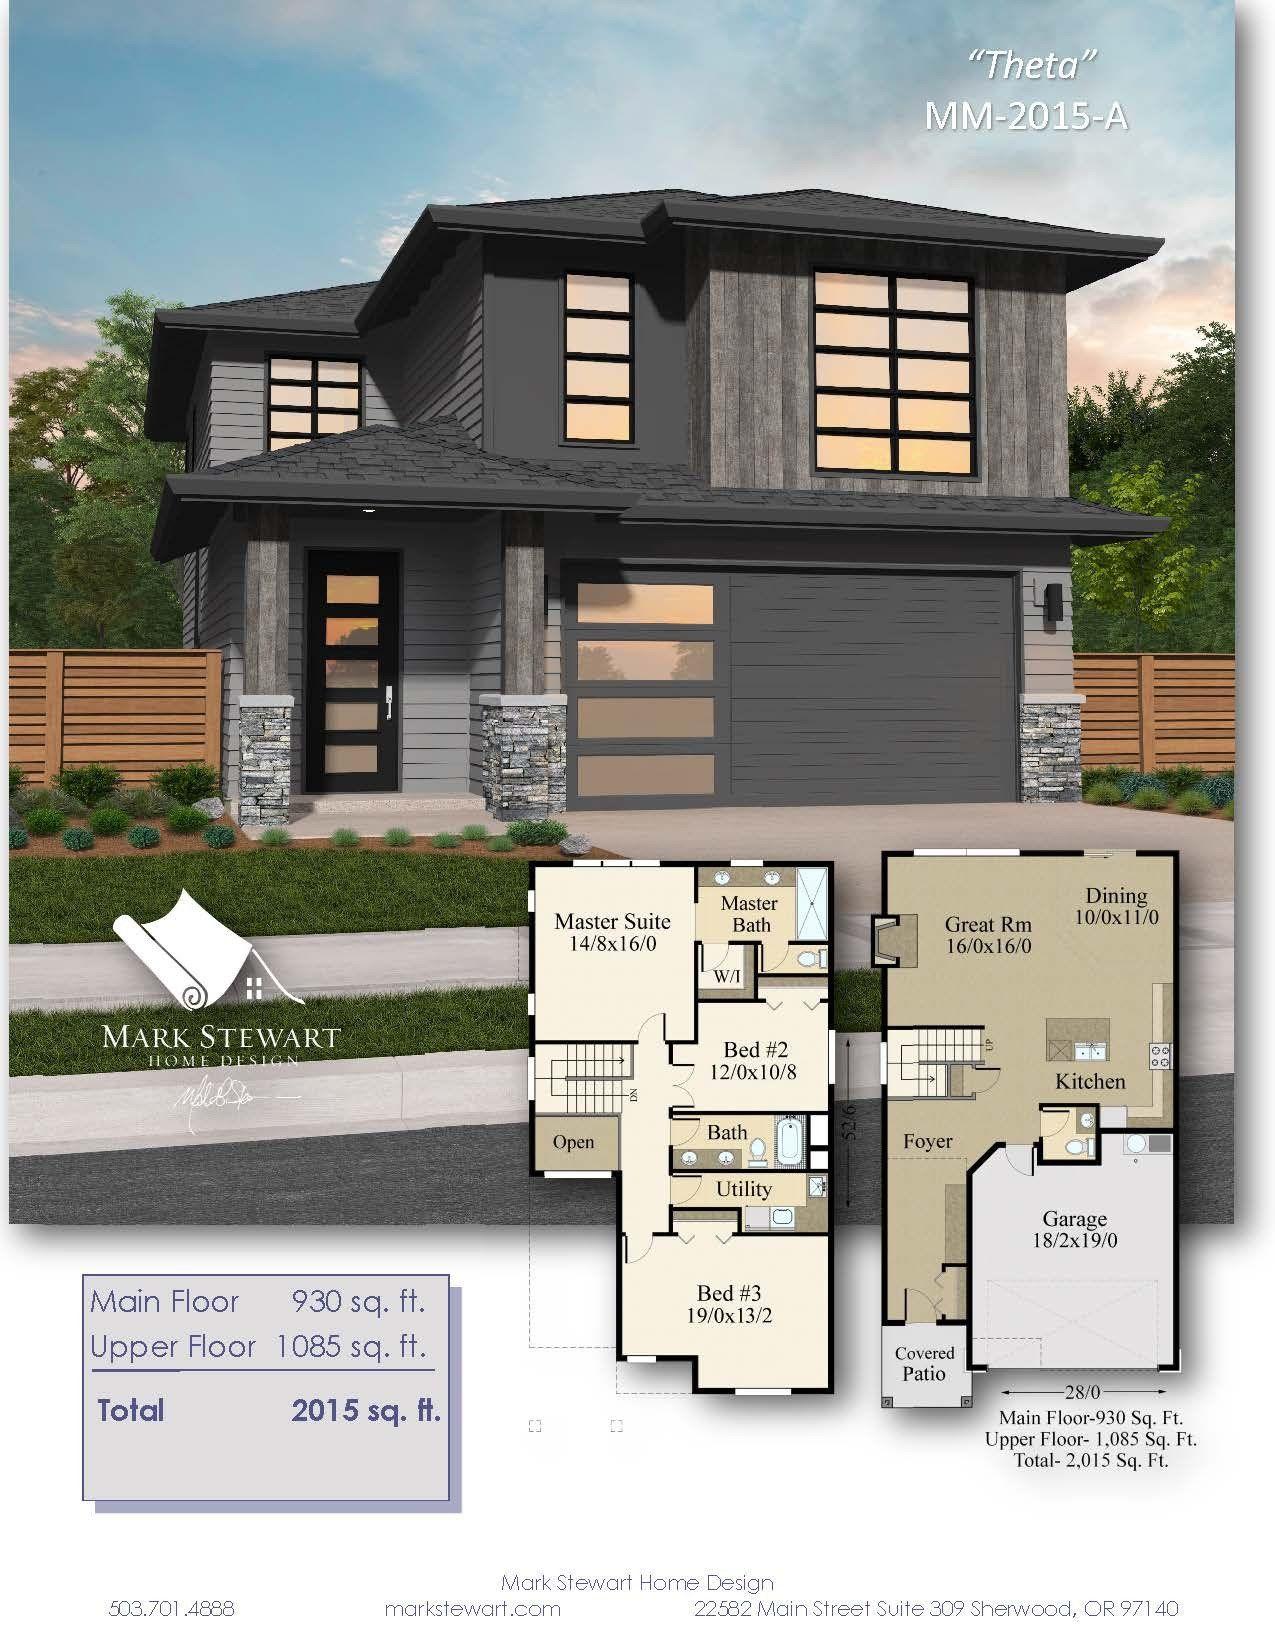 Northwest Modern House Plans Theta In 2020 Modern House Plans Contemporary House Plans Craftsman House Plans